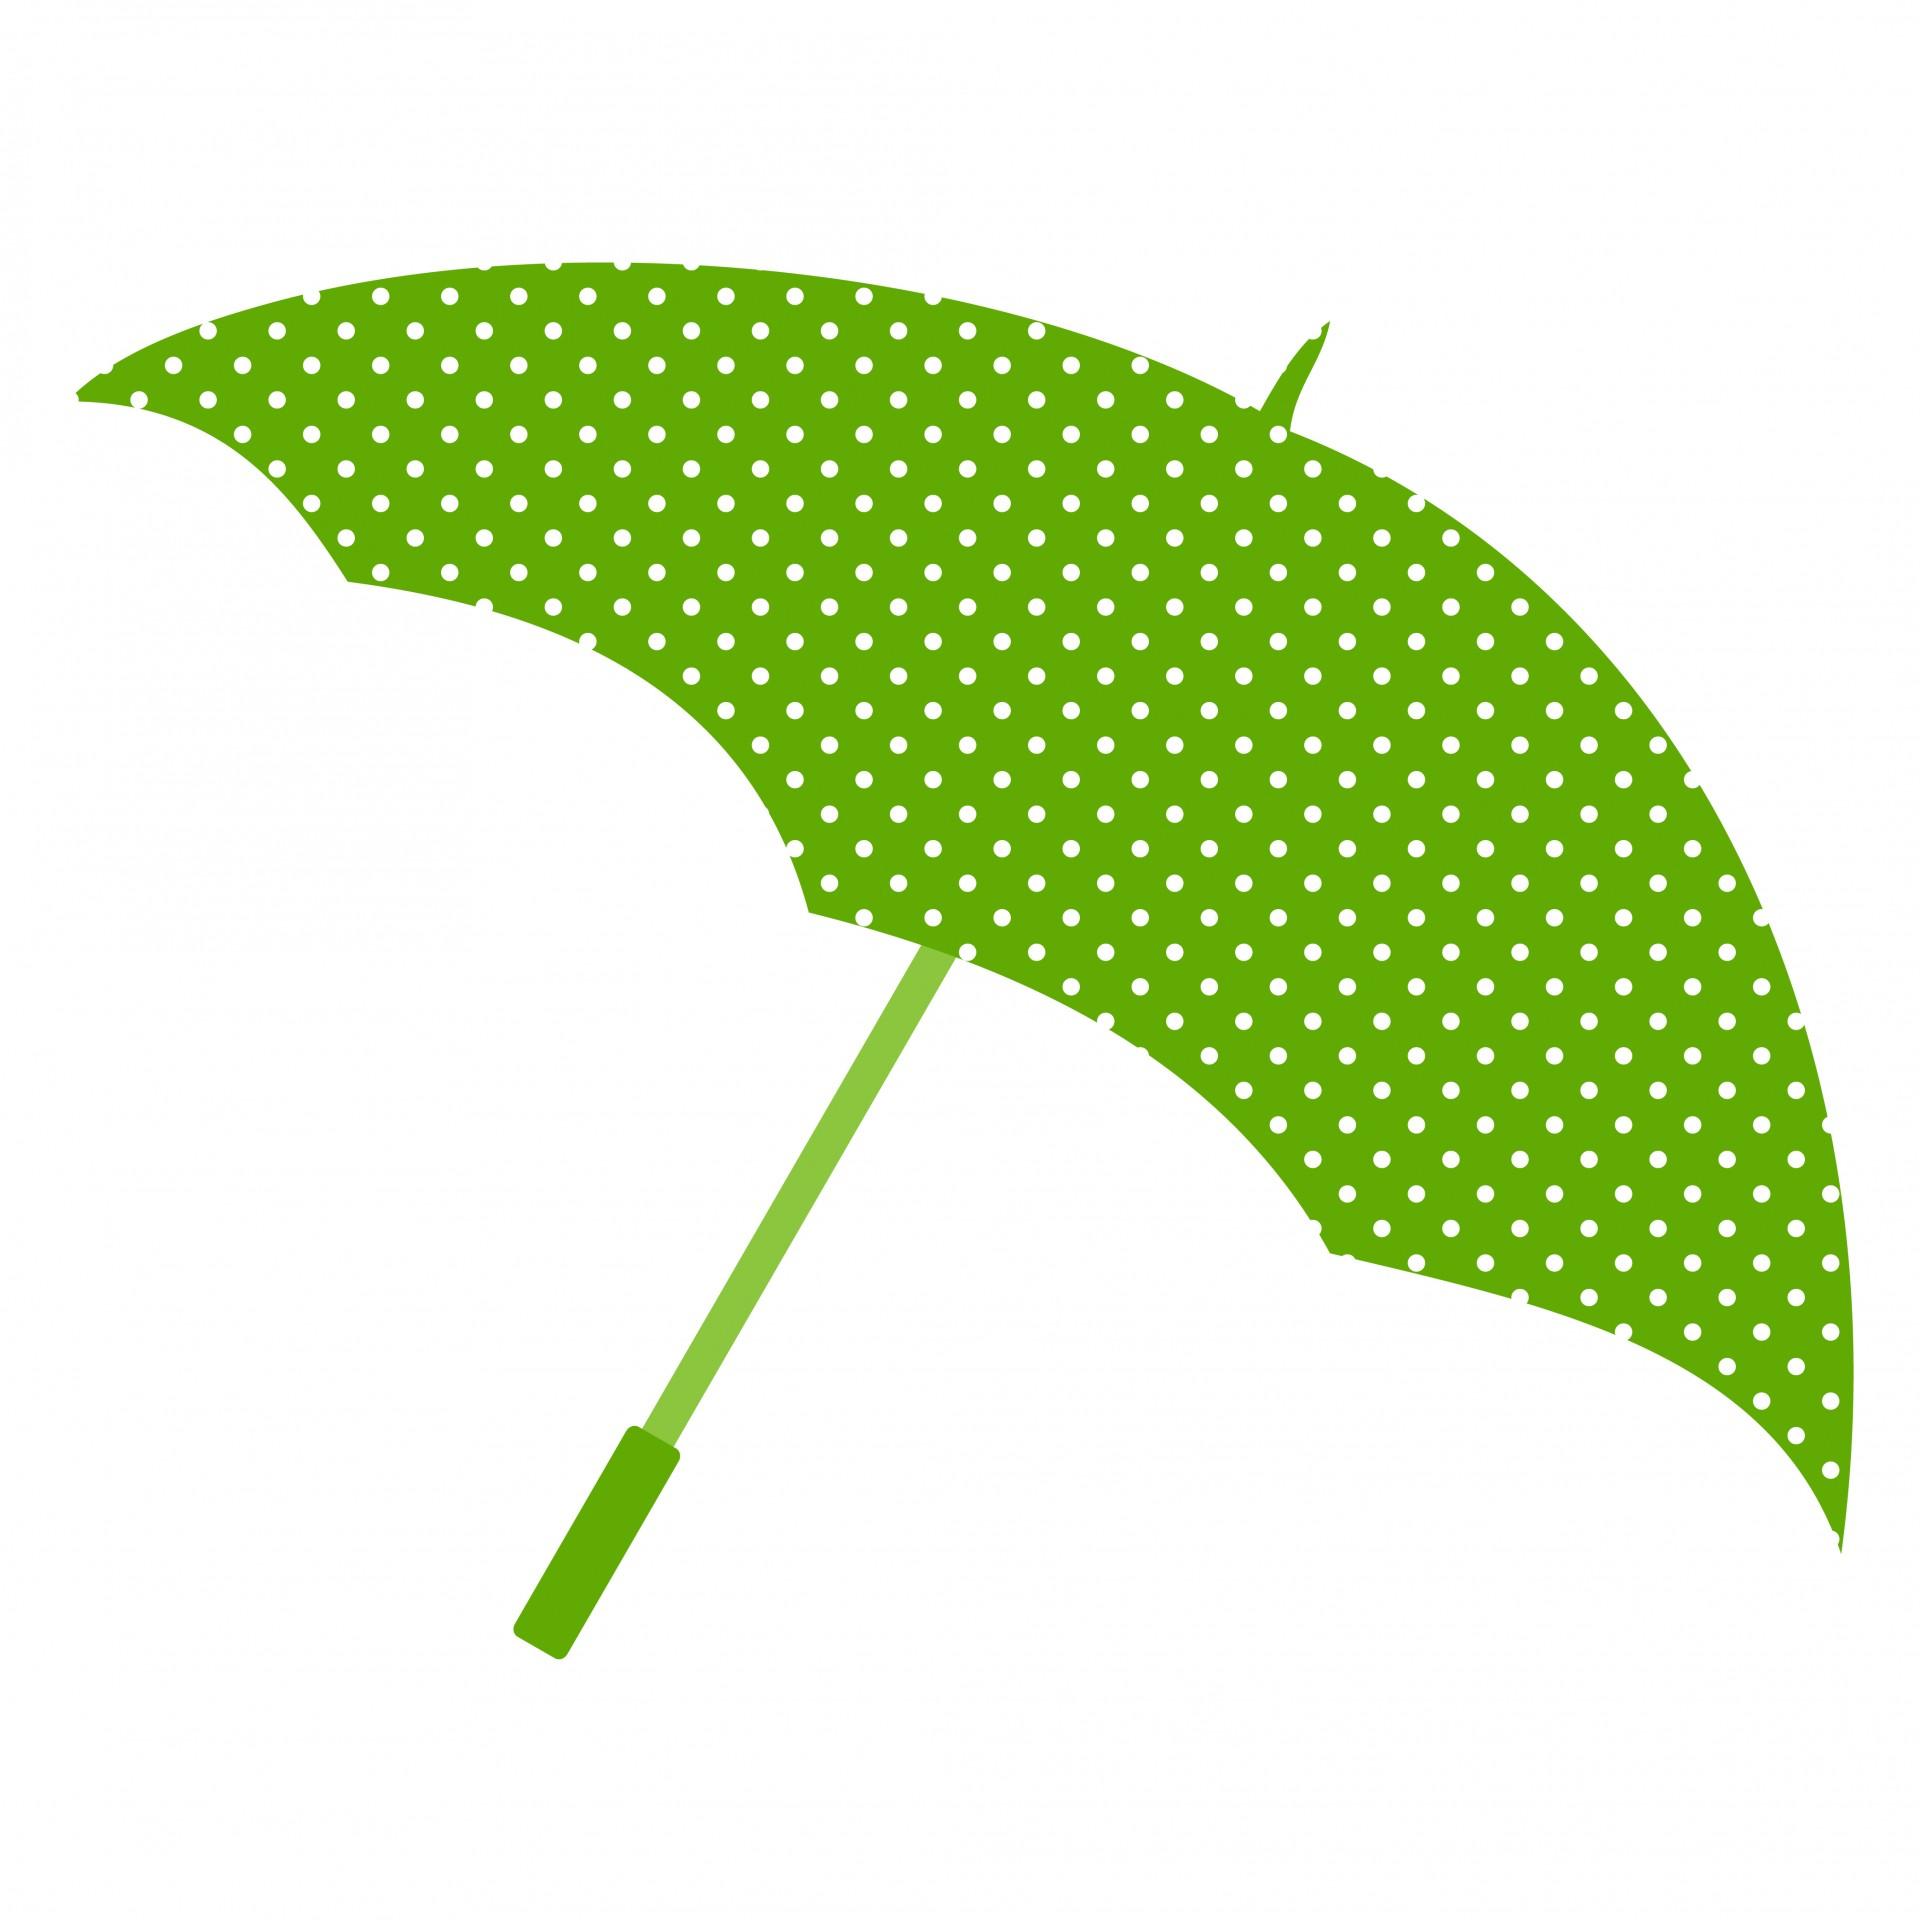 Green Umbrella Clipart Clip art of Umbrella Clipart #2345.